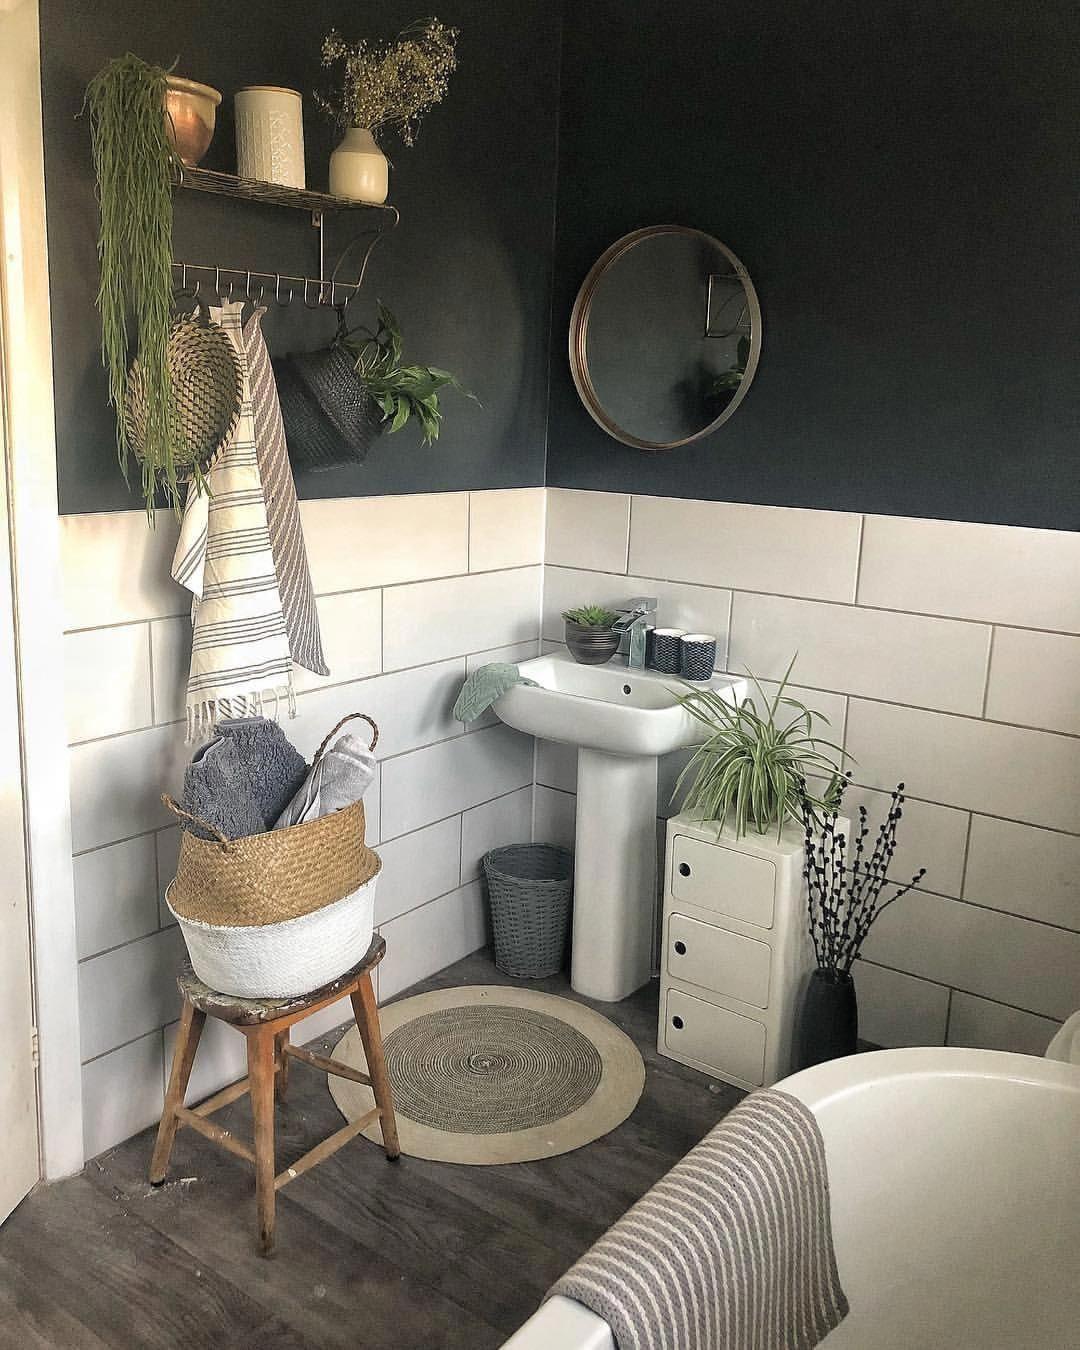 Badezimmer Weisse Fliesen Anthrazit Pflanzen Korb Holz Bathroomremodeling Weisse Fliesen Dekor Haus Interieurs